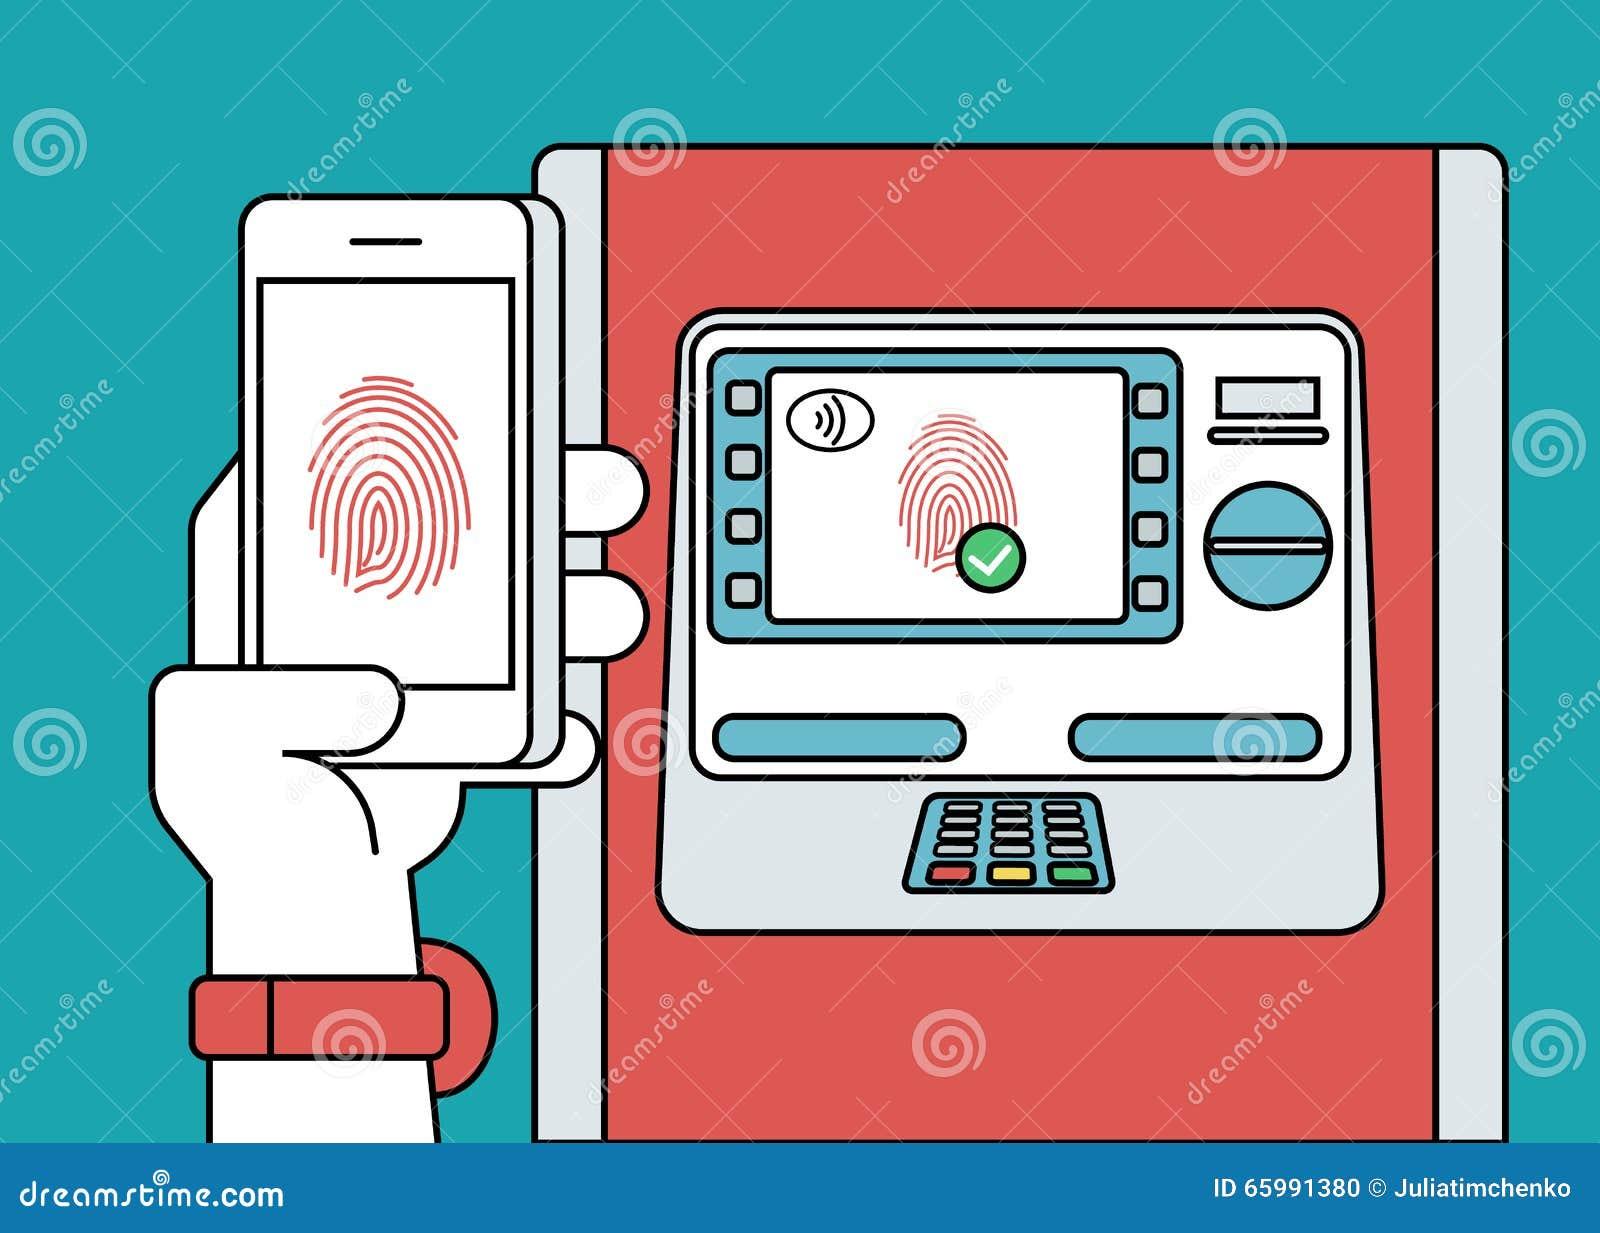 Mobiler Zugriff zu ATM über Smartphone unter Verwendung der Fingerabdruckidentifizierung